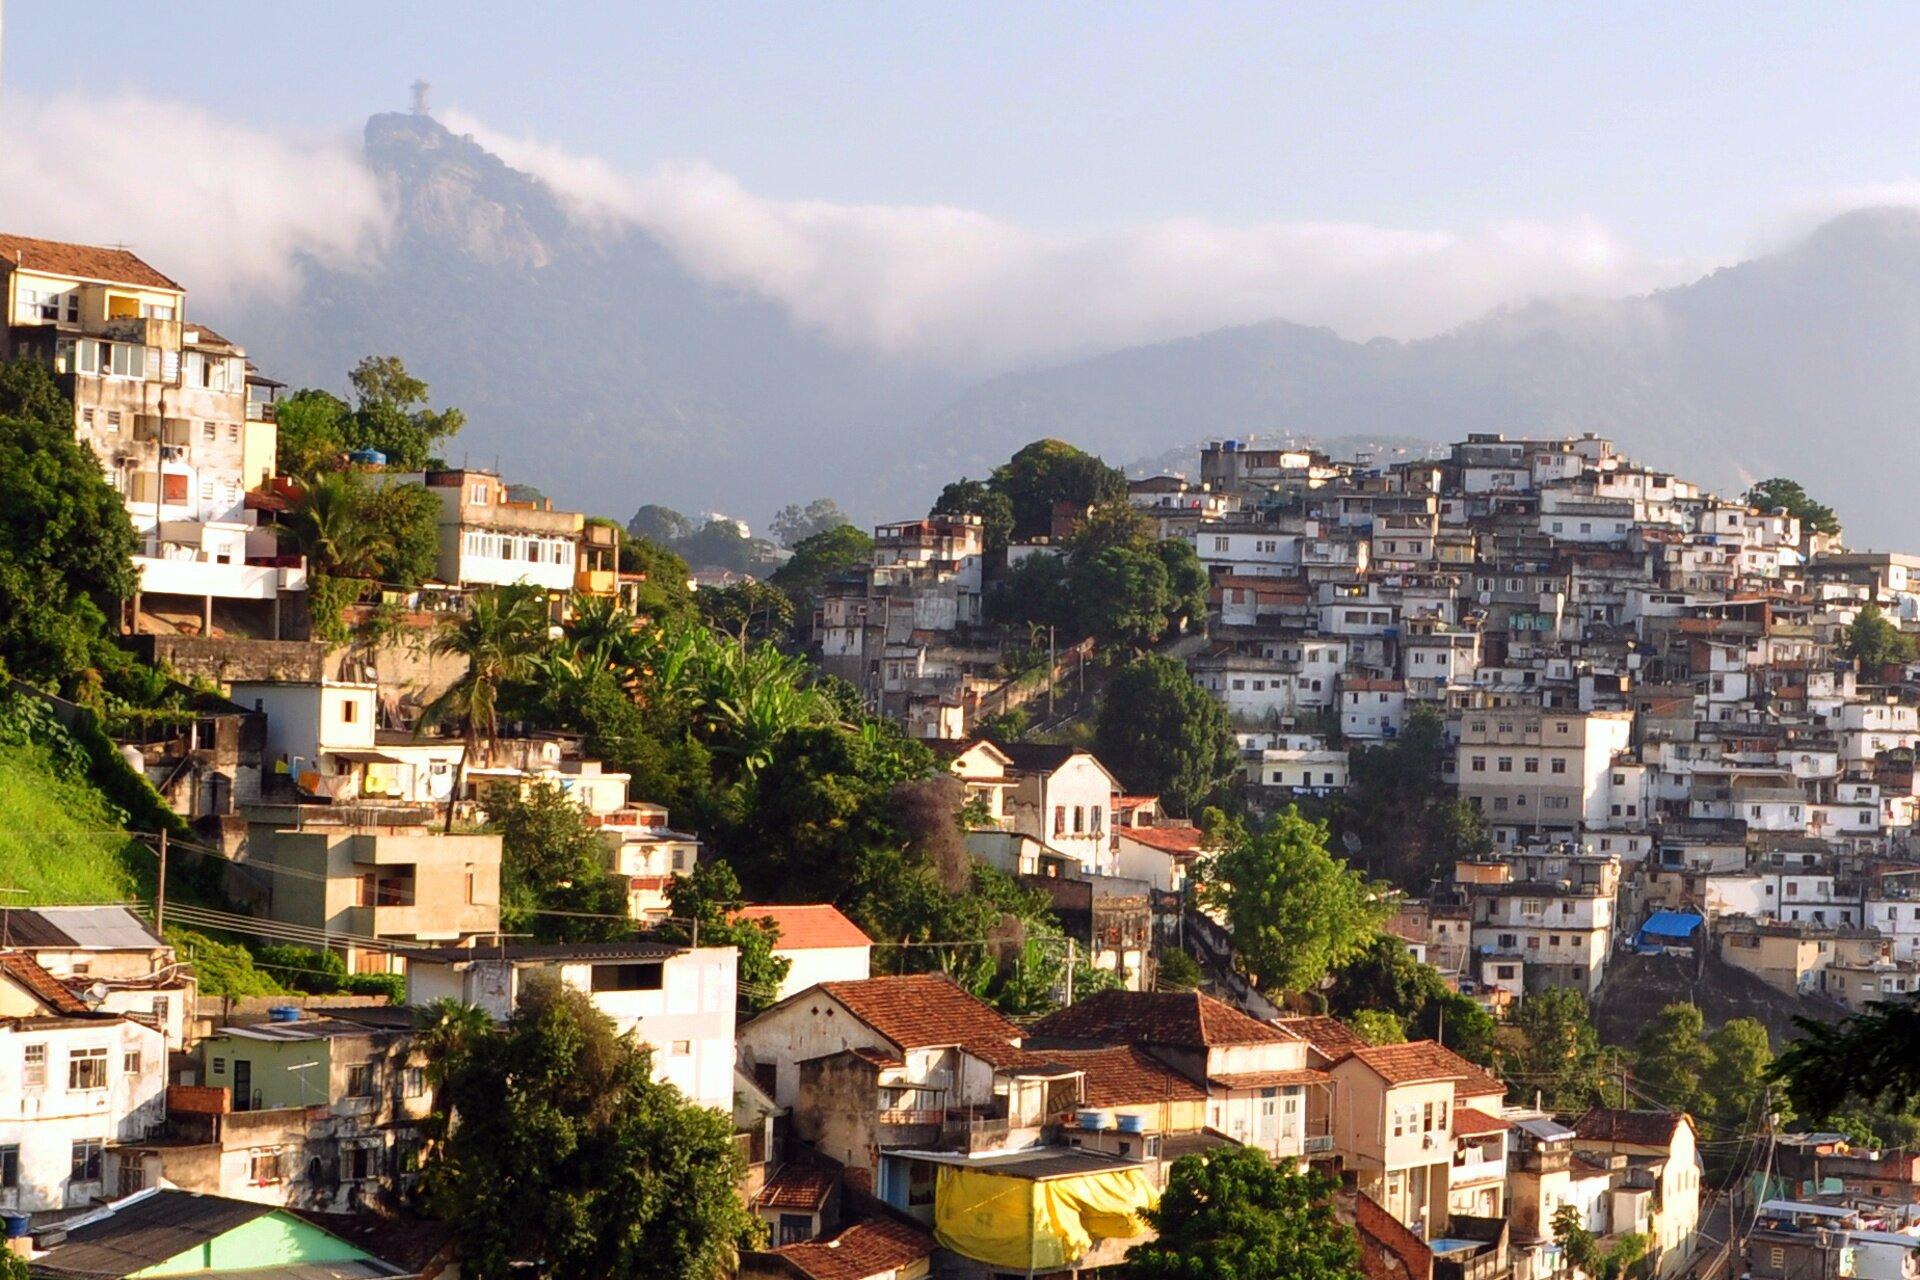 Na zdjęciu rozległa biedna dzielnica wBrazylii. Teren górzysty, dwa wzniesienia. Proste domki wzniesione kaskadowo na wzgórzu. Część ma dachy proste, część spadziste, kryte dachówką. Wtle wysokie góry.